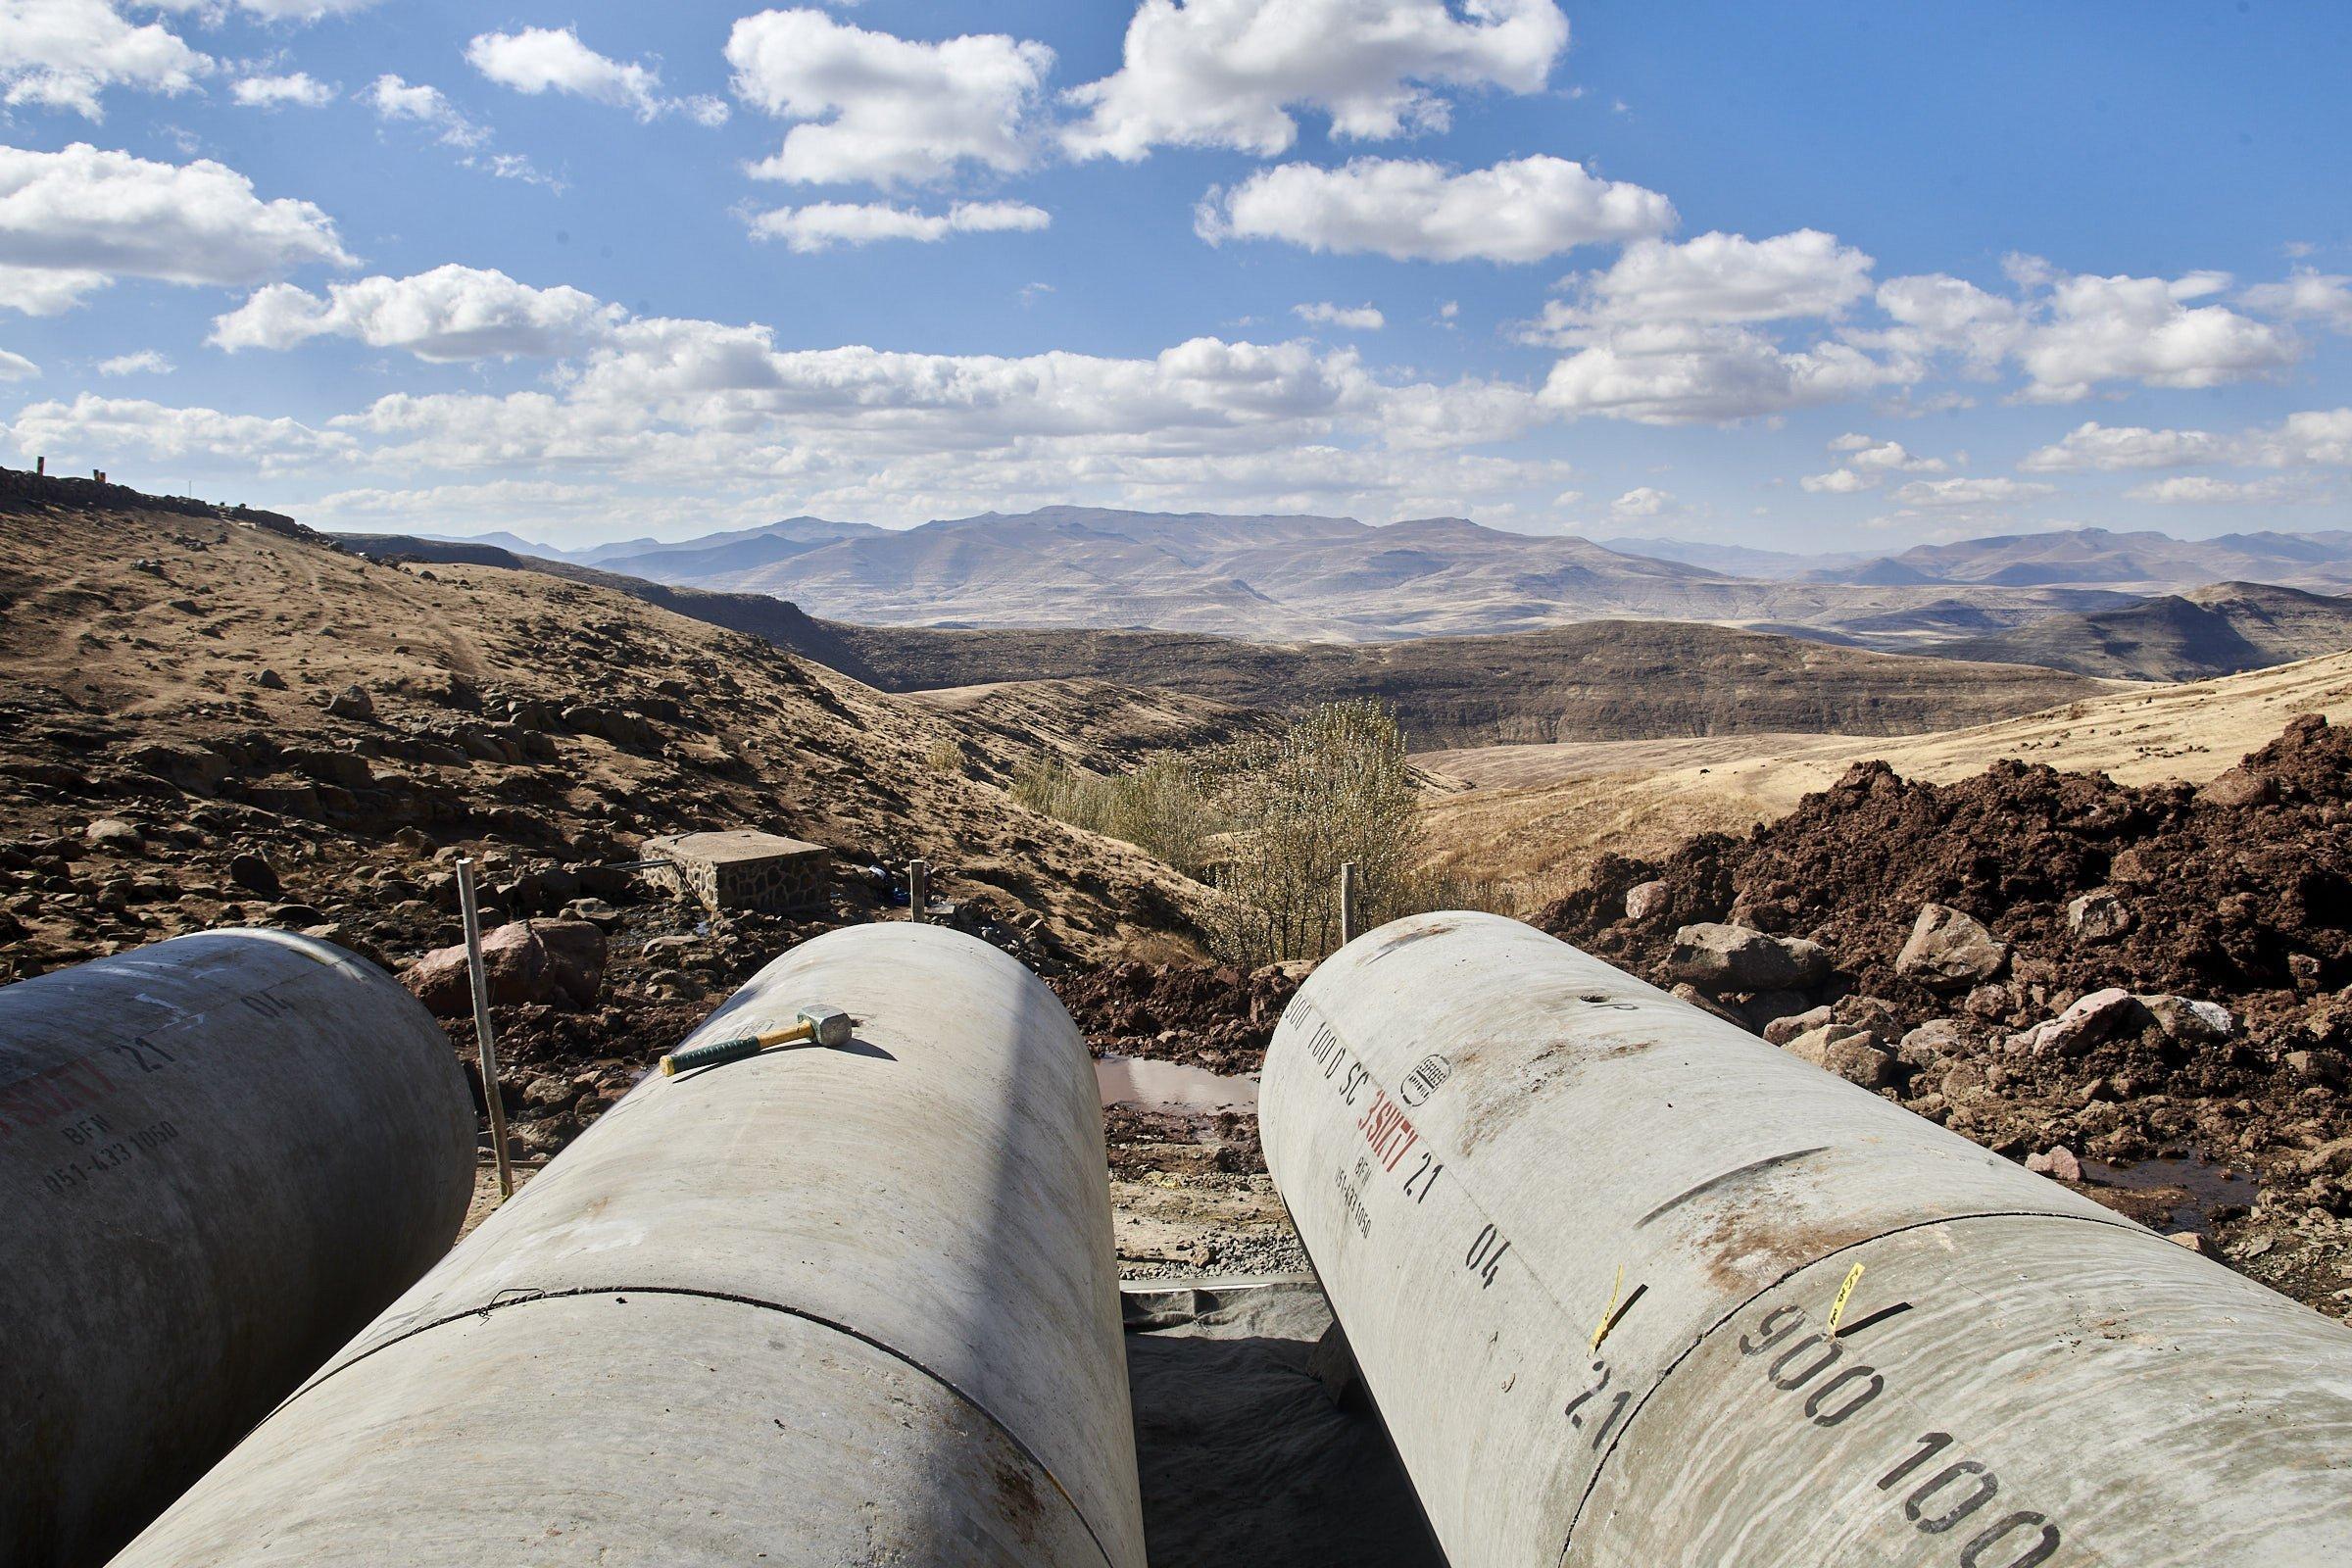 Blick über zwei große Betonrohre in die Weite der Bergwelt Lesothos